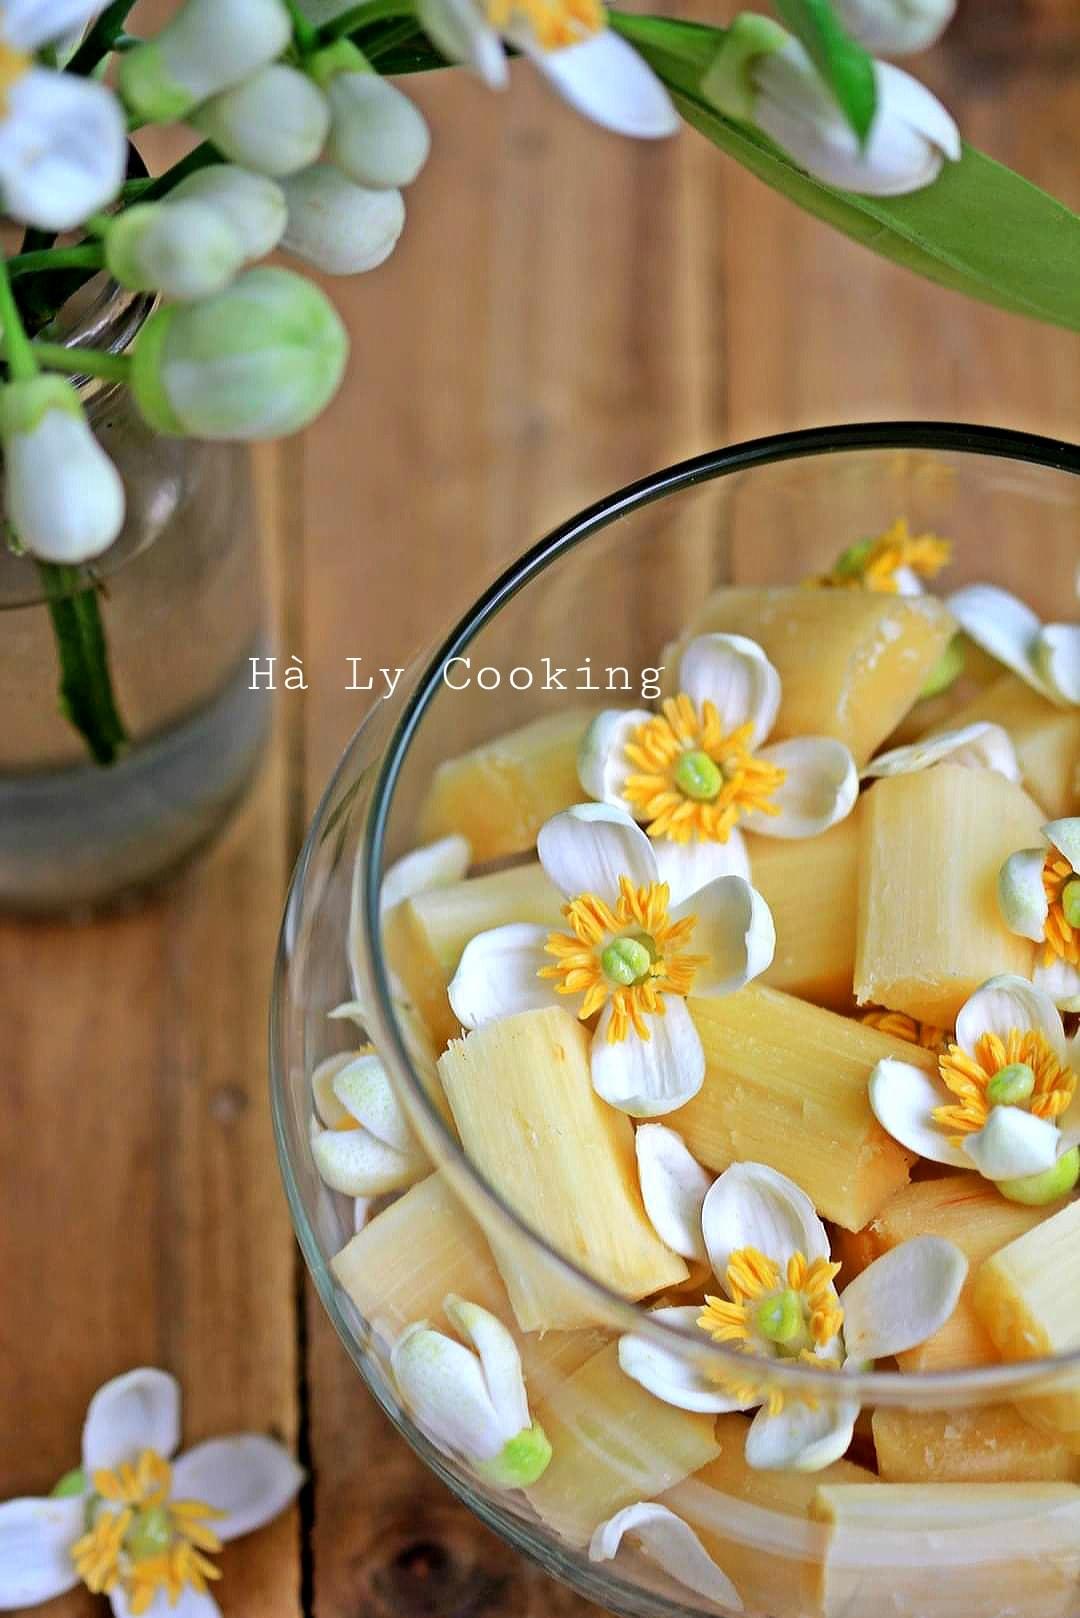 mia hoa buoi mon an vat don gian 1